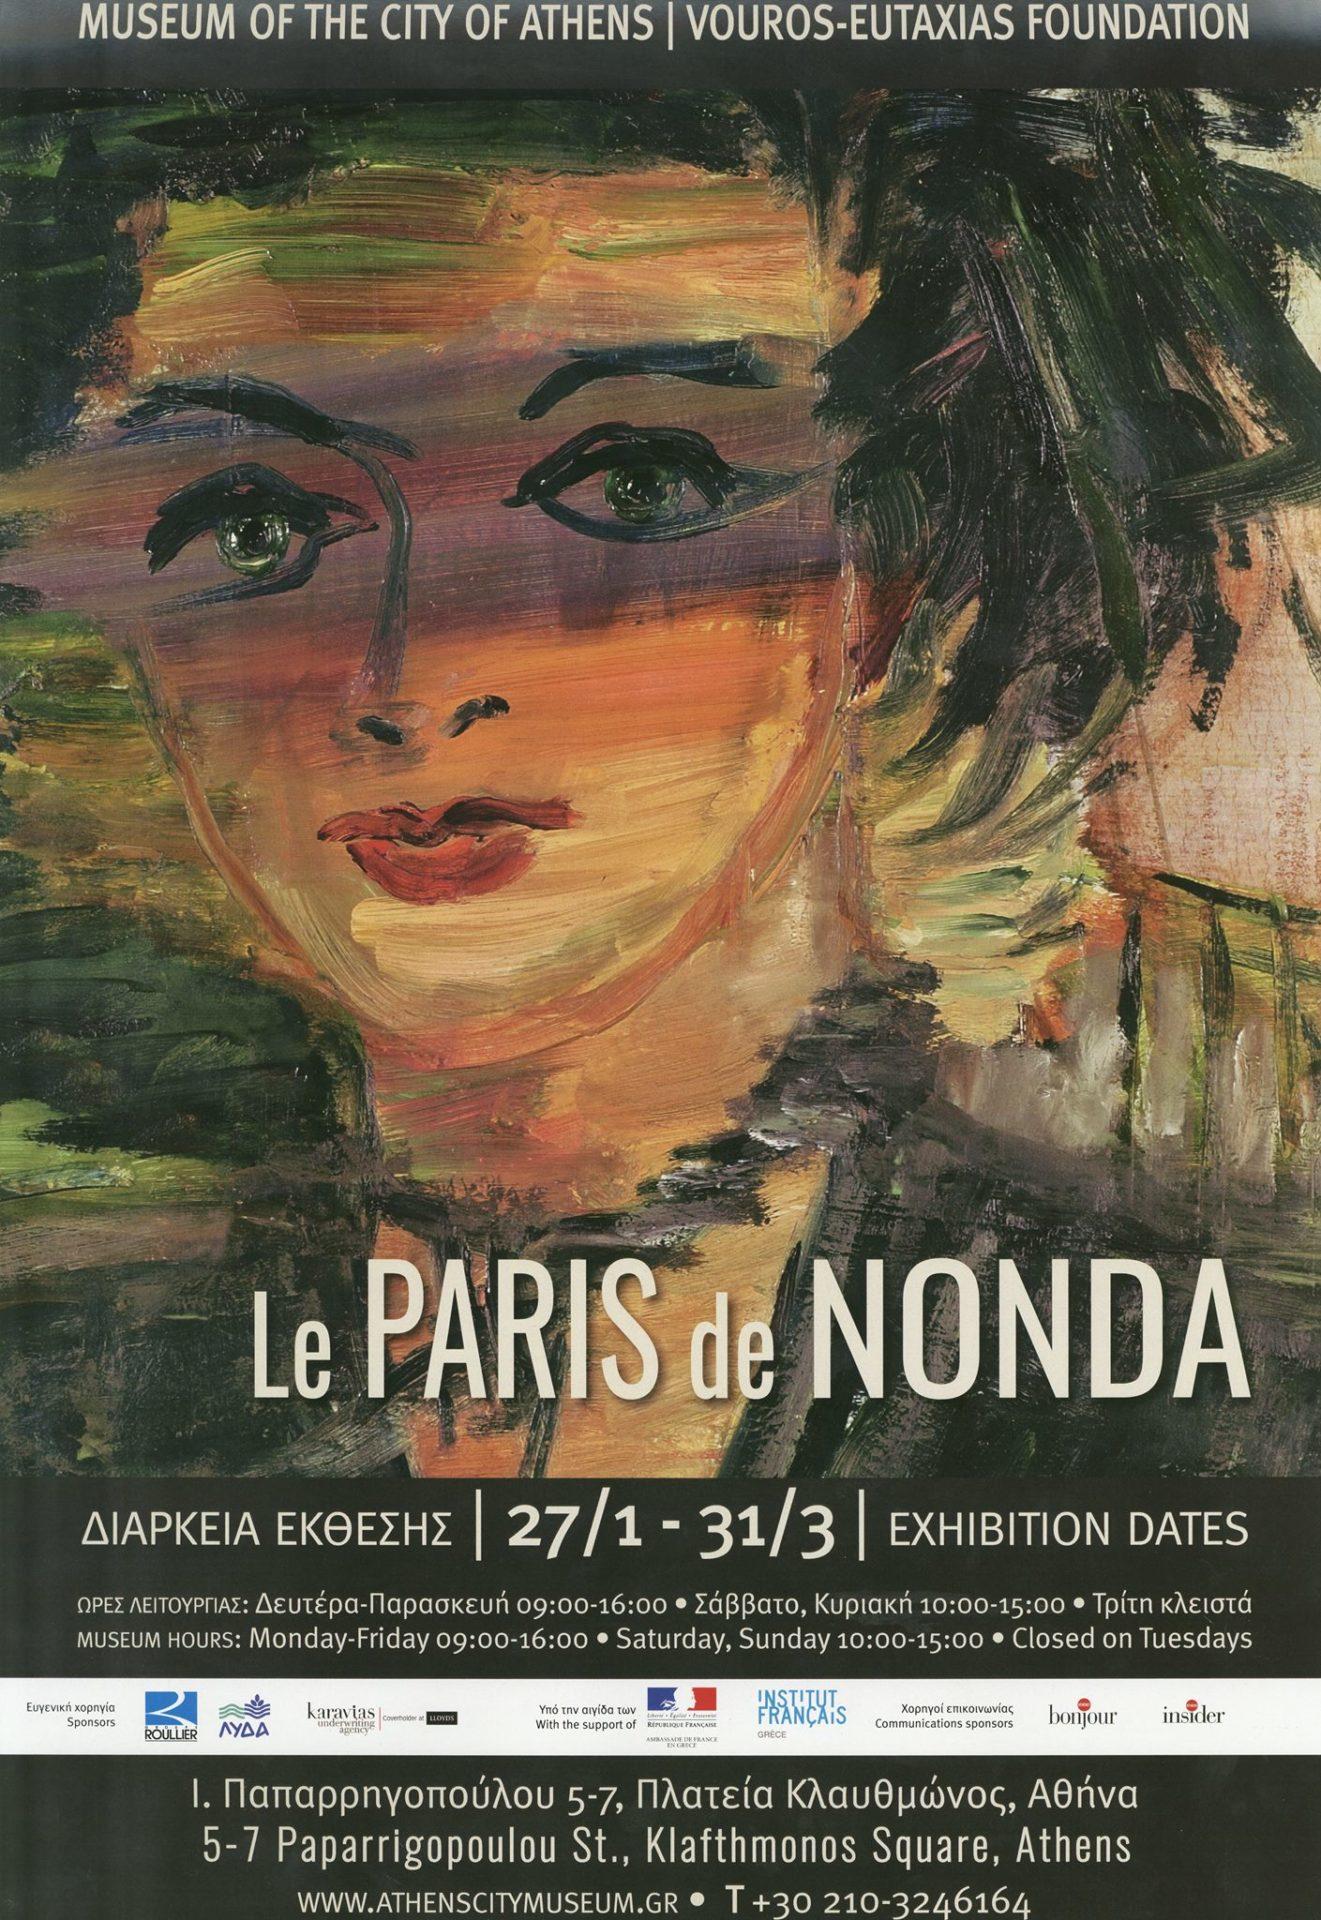 Париж глазами грека: в Афинах открылась выставка Эпаминондаса Пападопулоса